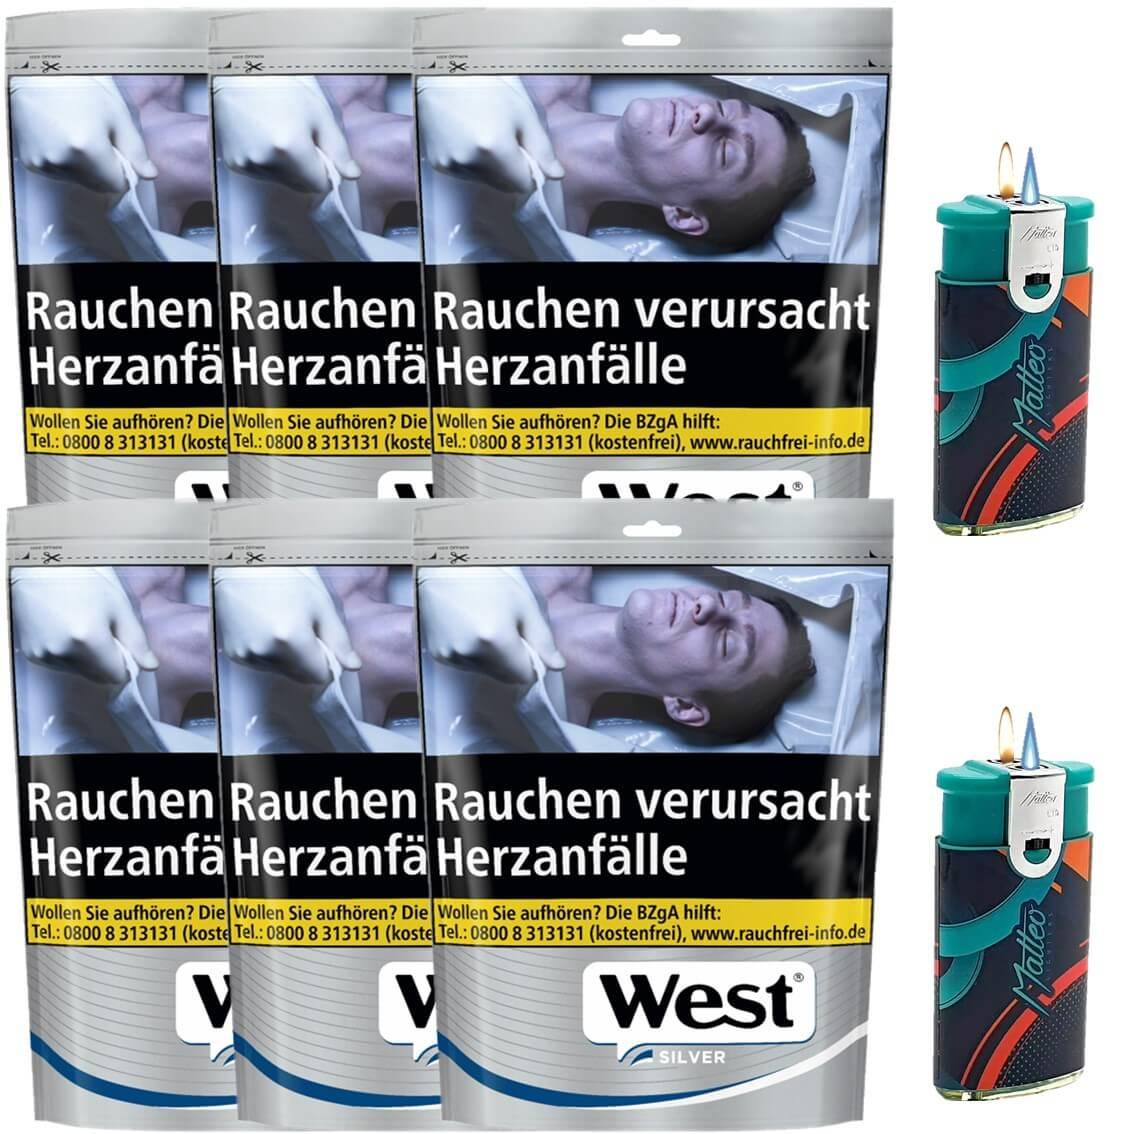 West Silver 6 x 105g Volumentabak 2 x Duo Feuerzeug mit-2-Flammen